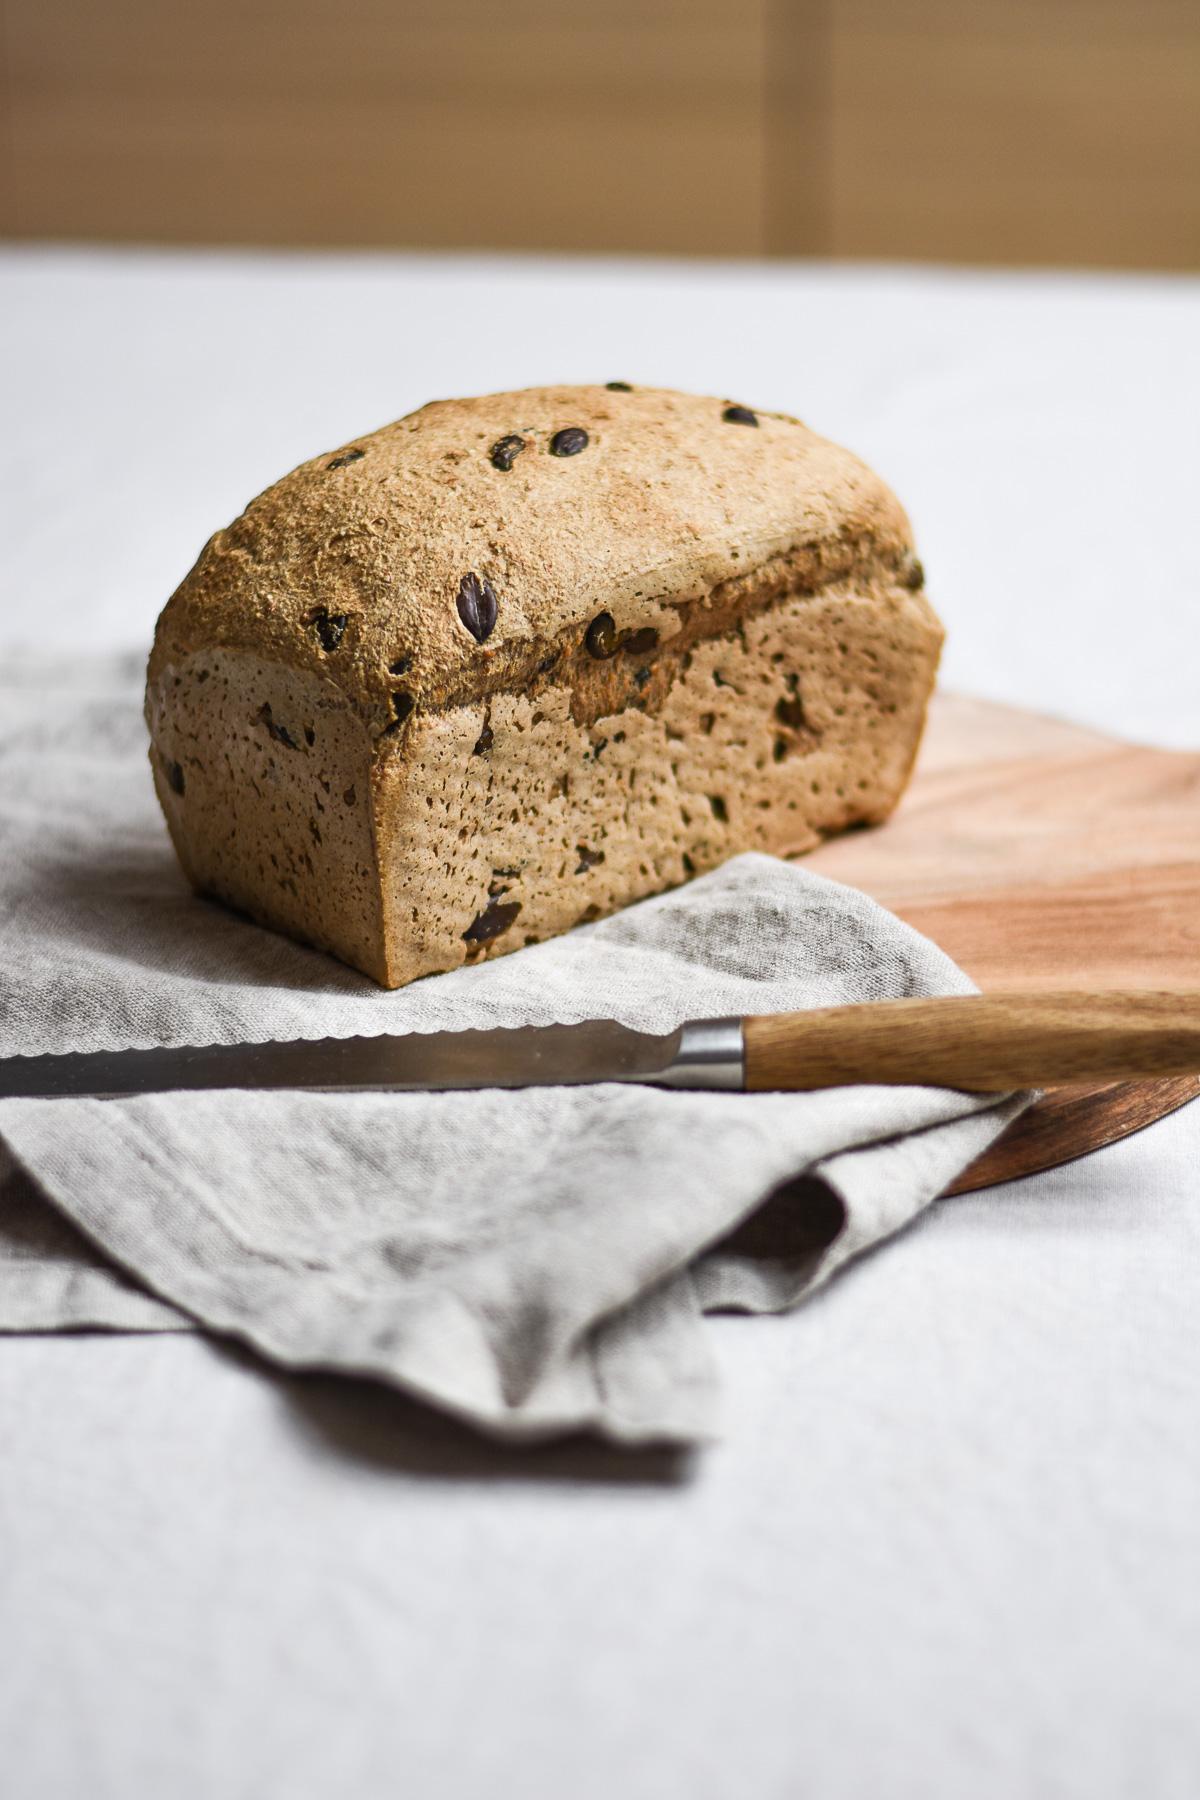 Glutenfreies Körnerbrot ohne Hefe im Ganzen vor dem Aufschneiden